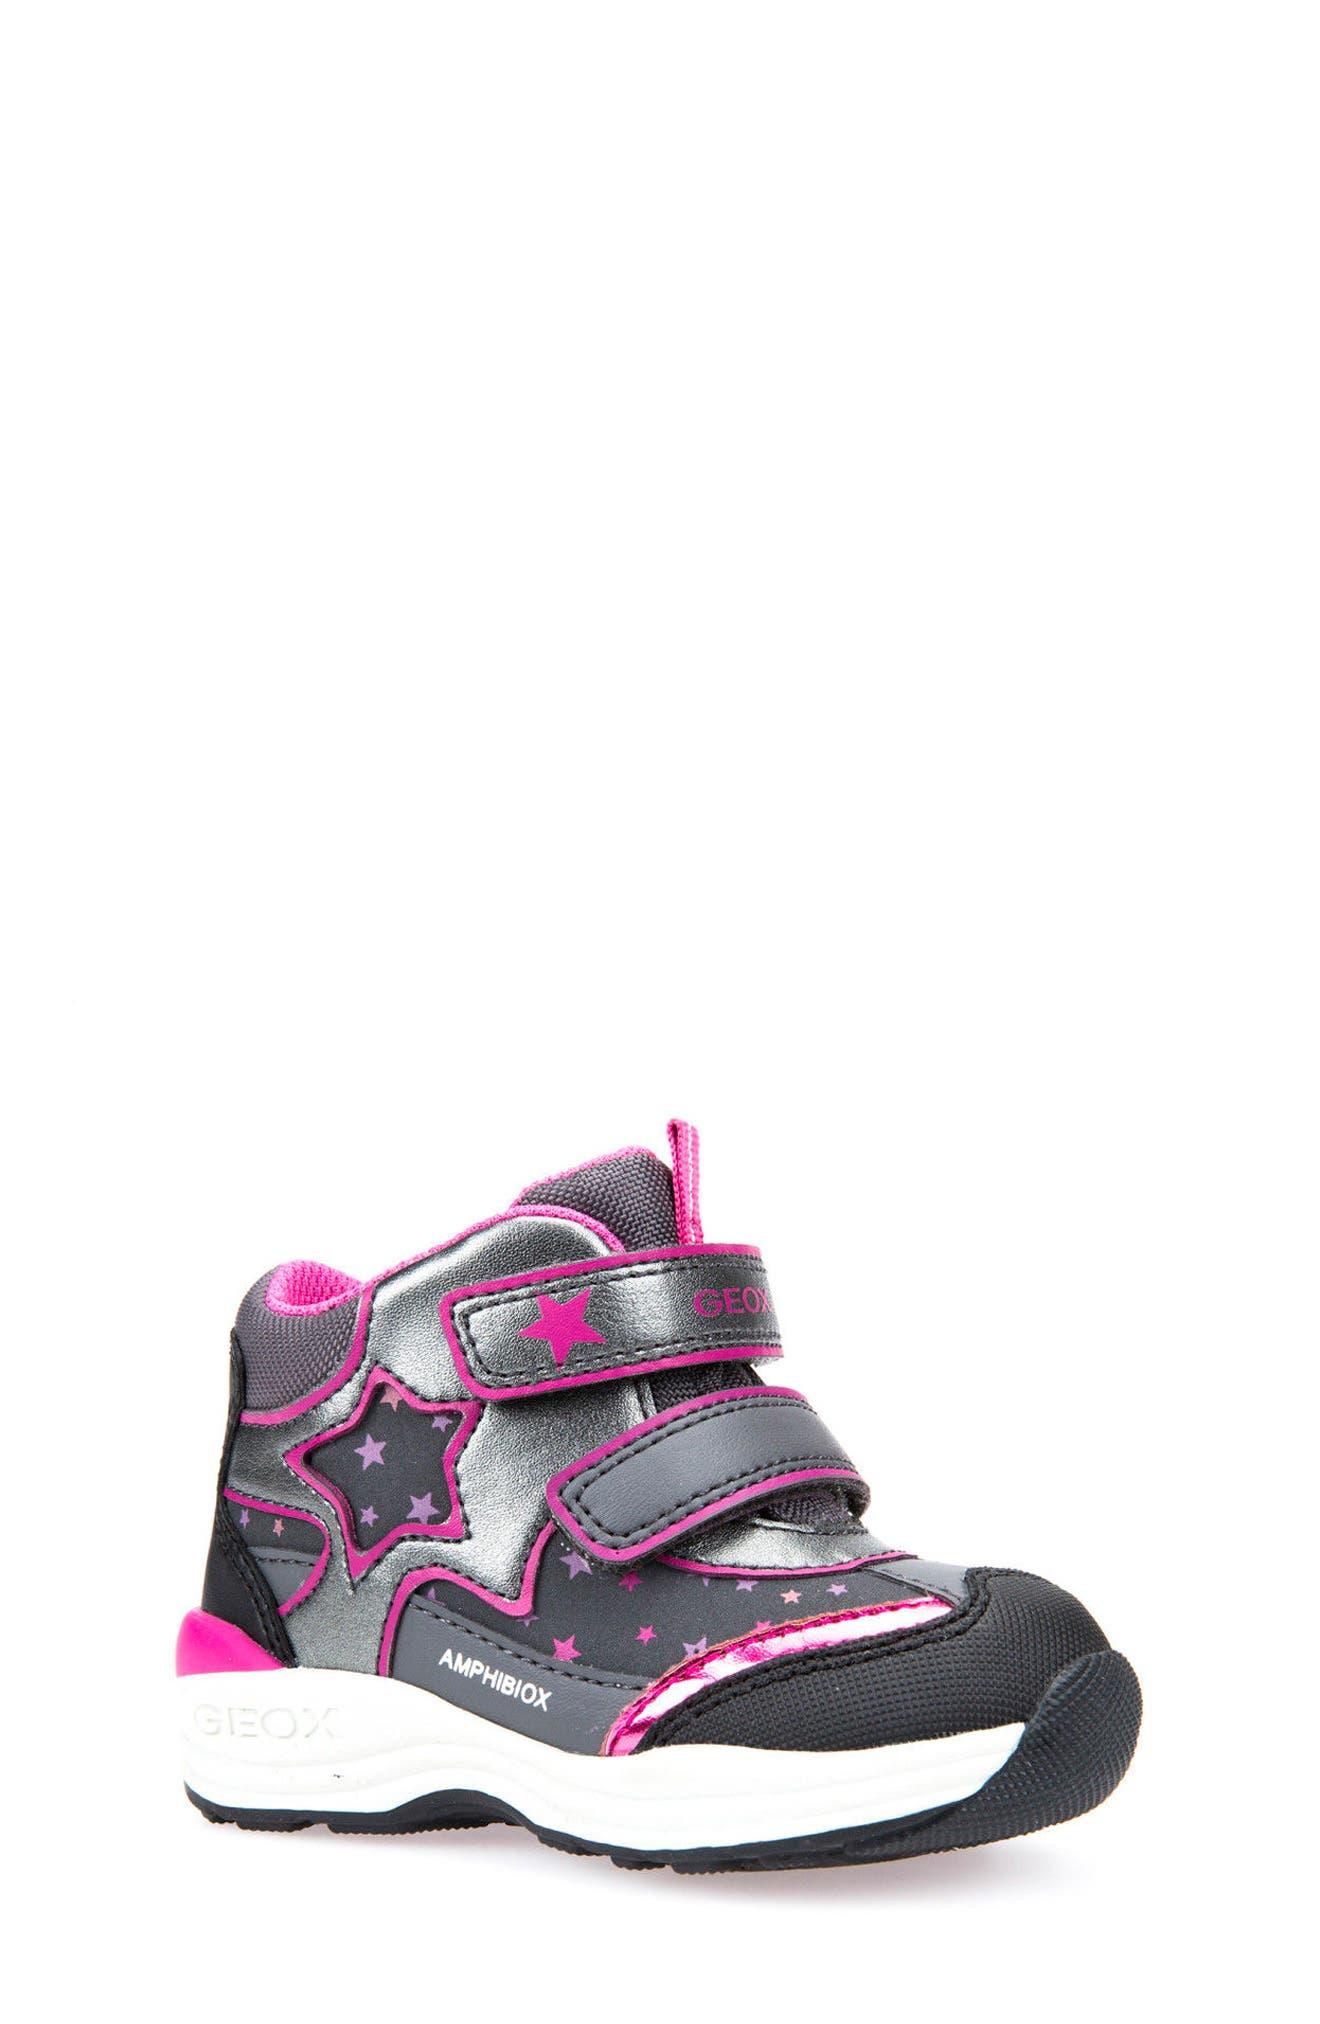 Alternate Image 1 Selected - Geox Gulp ABX Waterproof Star Sneaker Boot (Walker & Toddler)